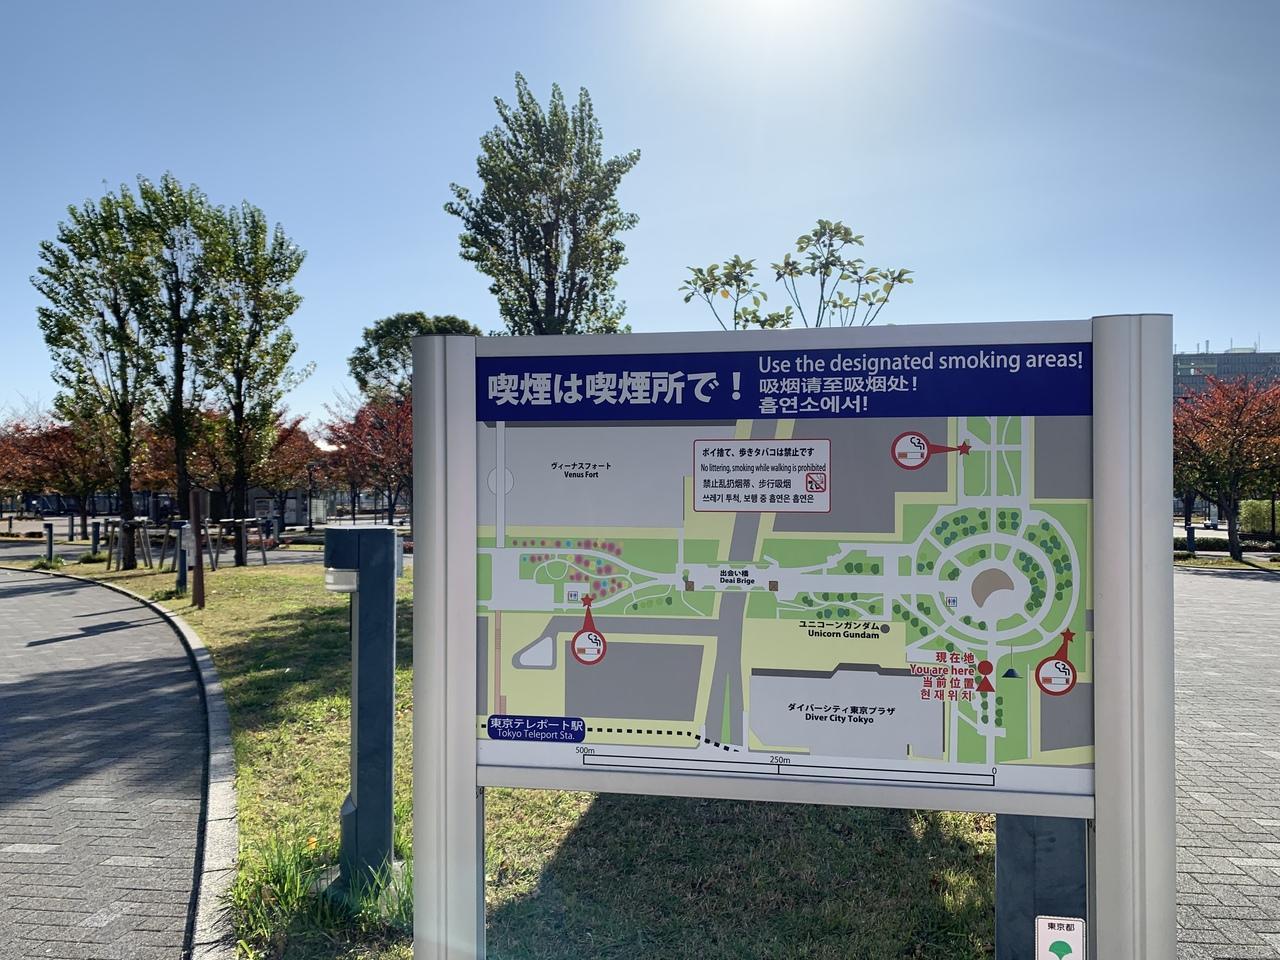 東京 テ レポート 喫煙 所 三菱地所|人を、想う力。街を、想う力。